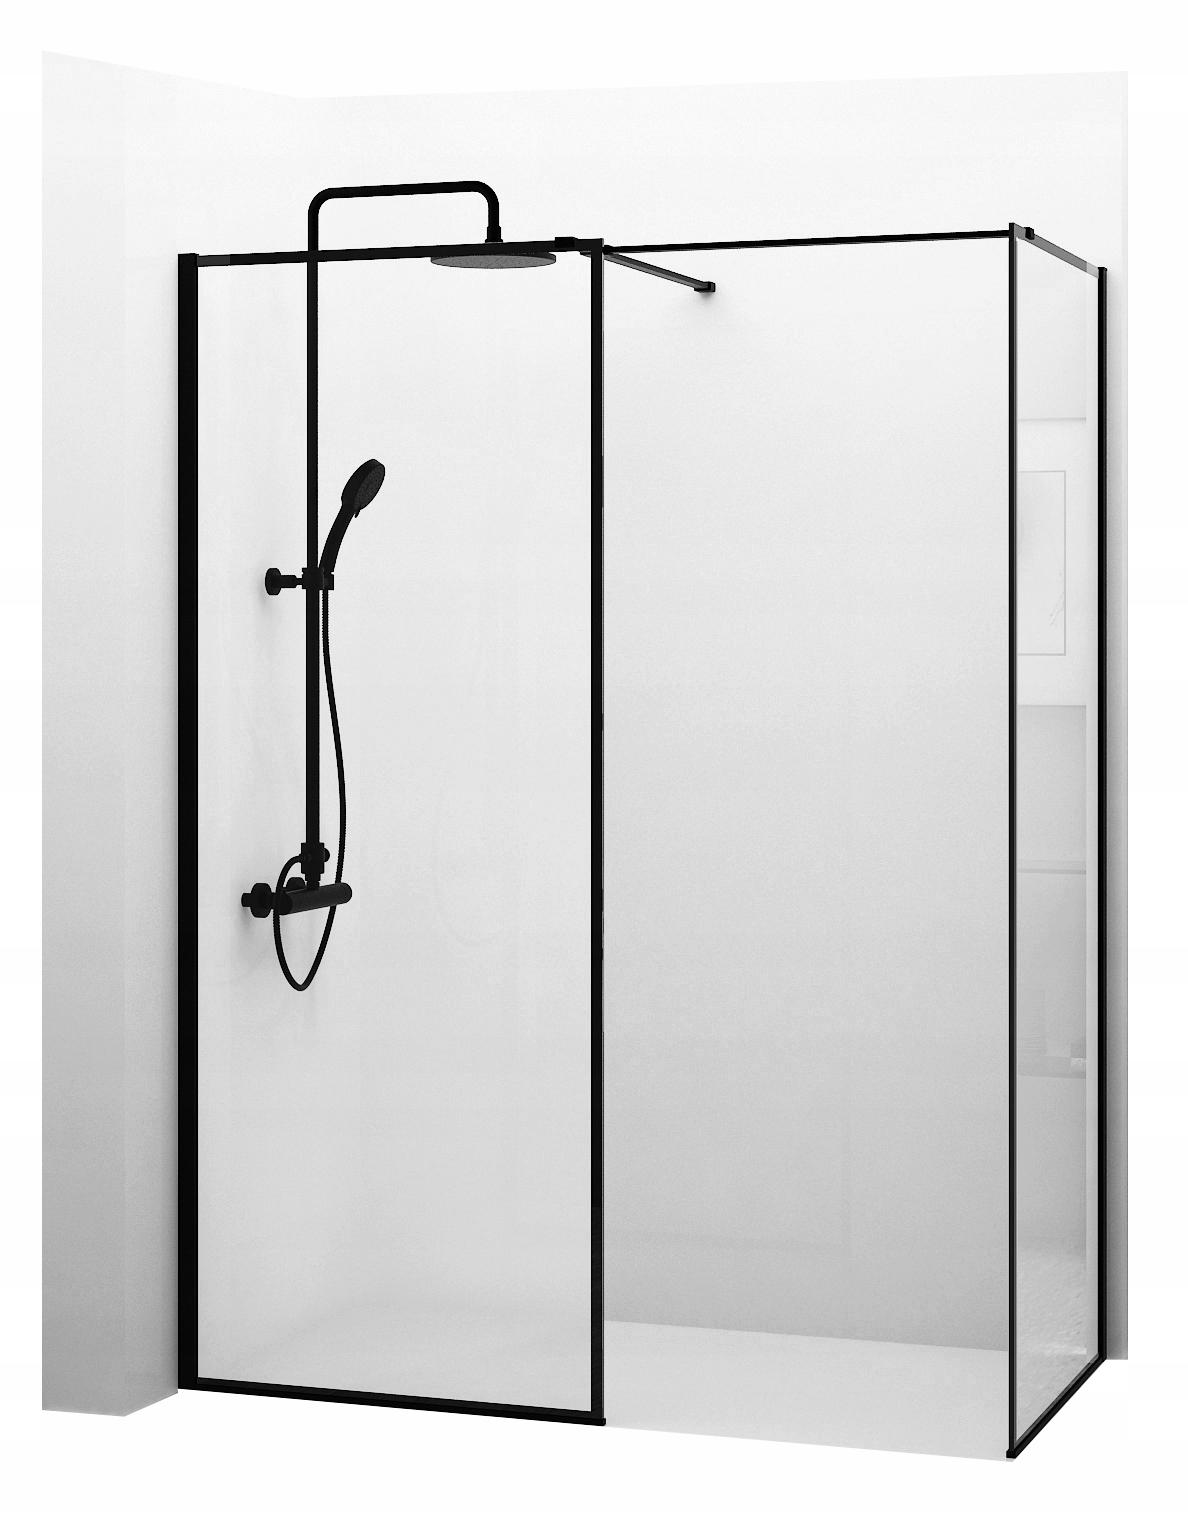 Sprcha CHODIŤ V 80x90 BLACK PROFILY